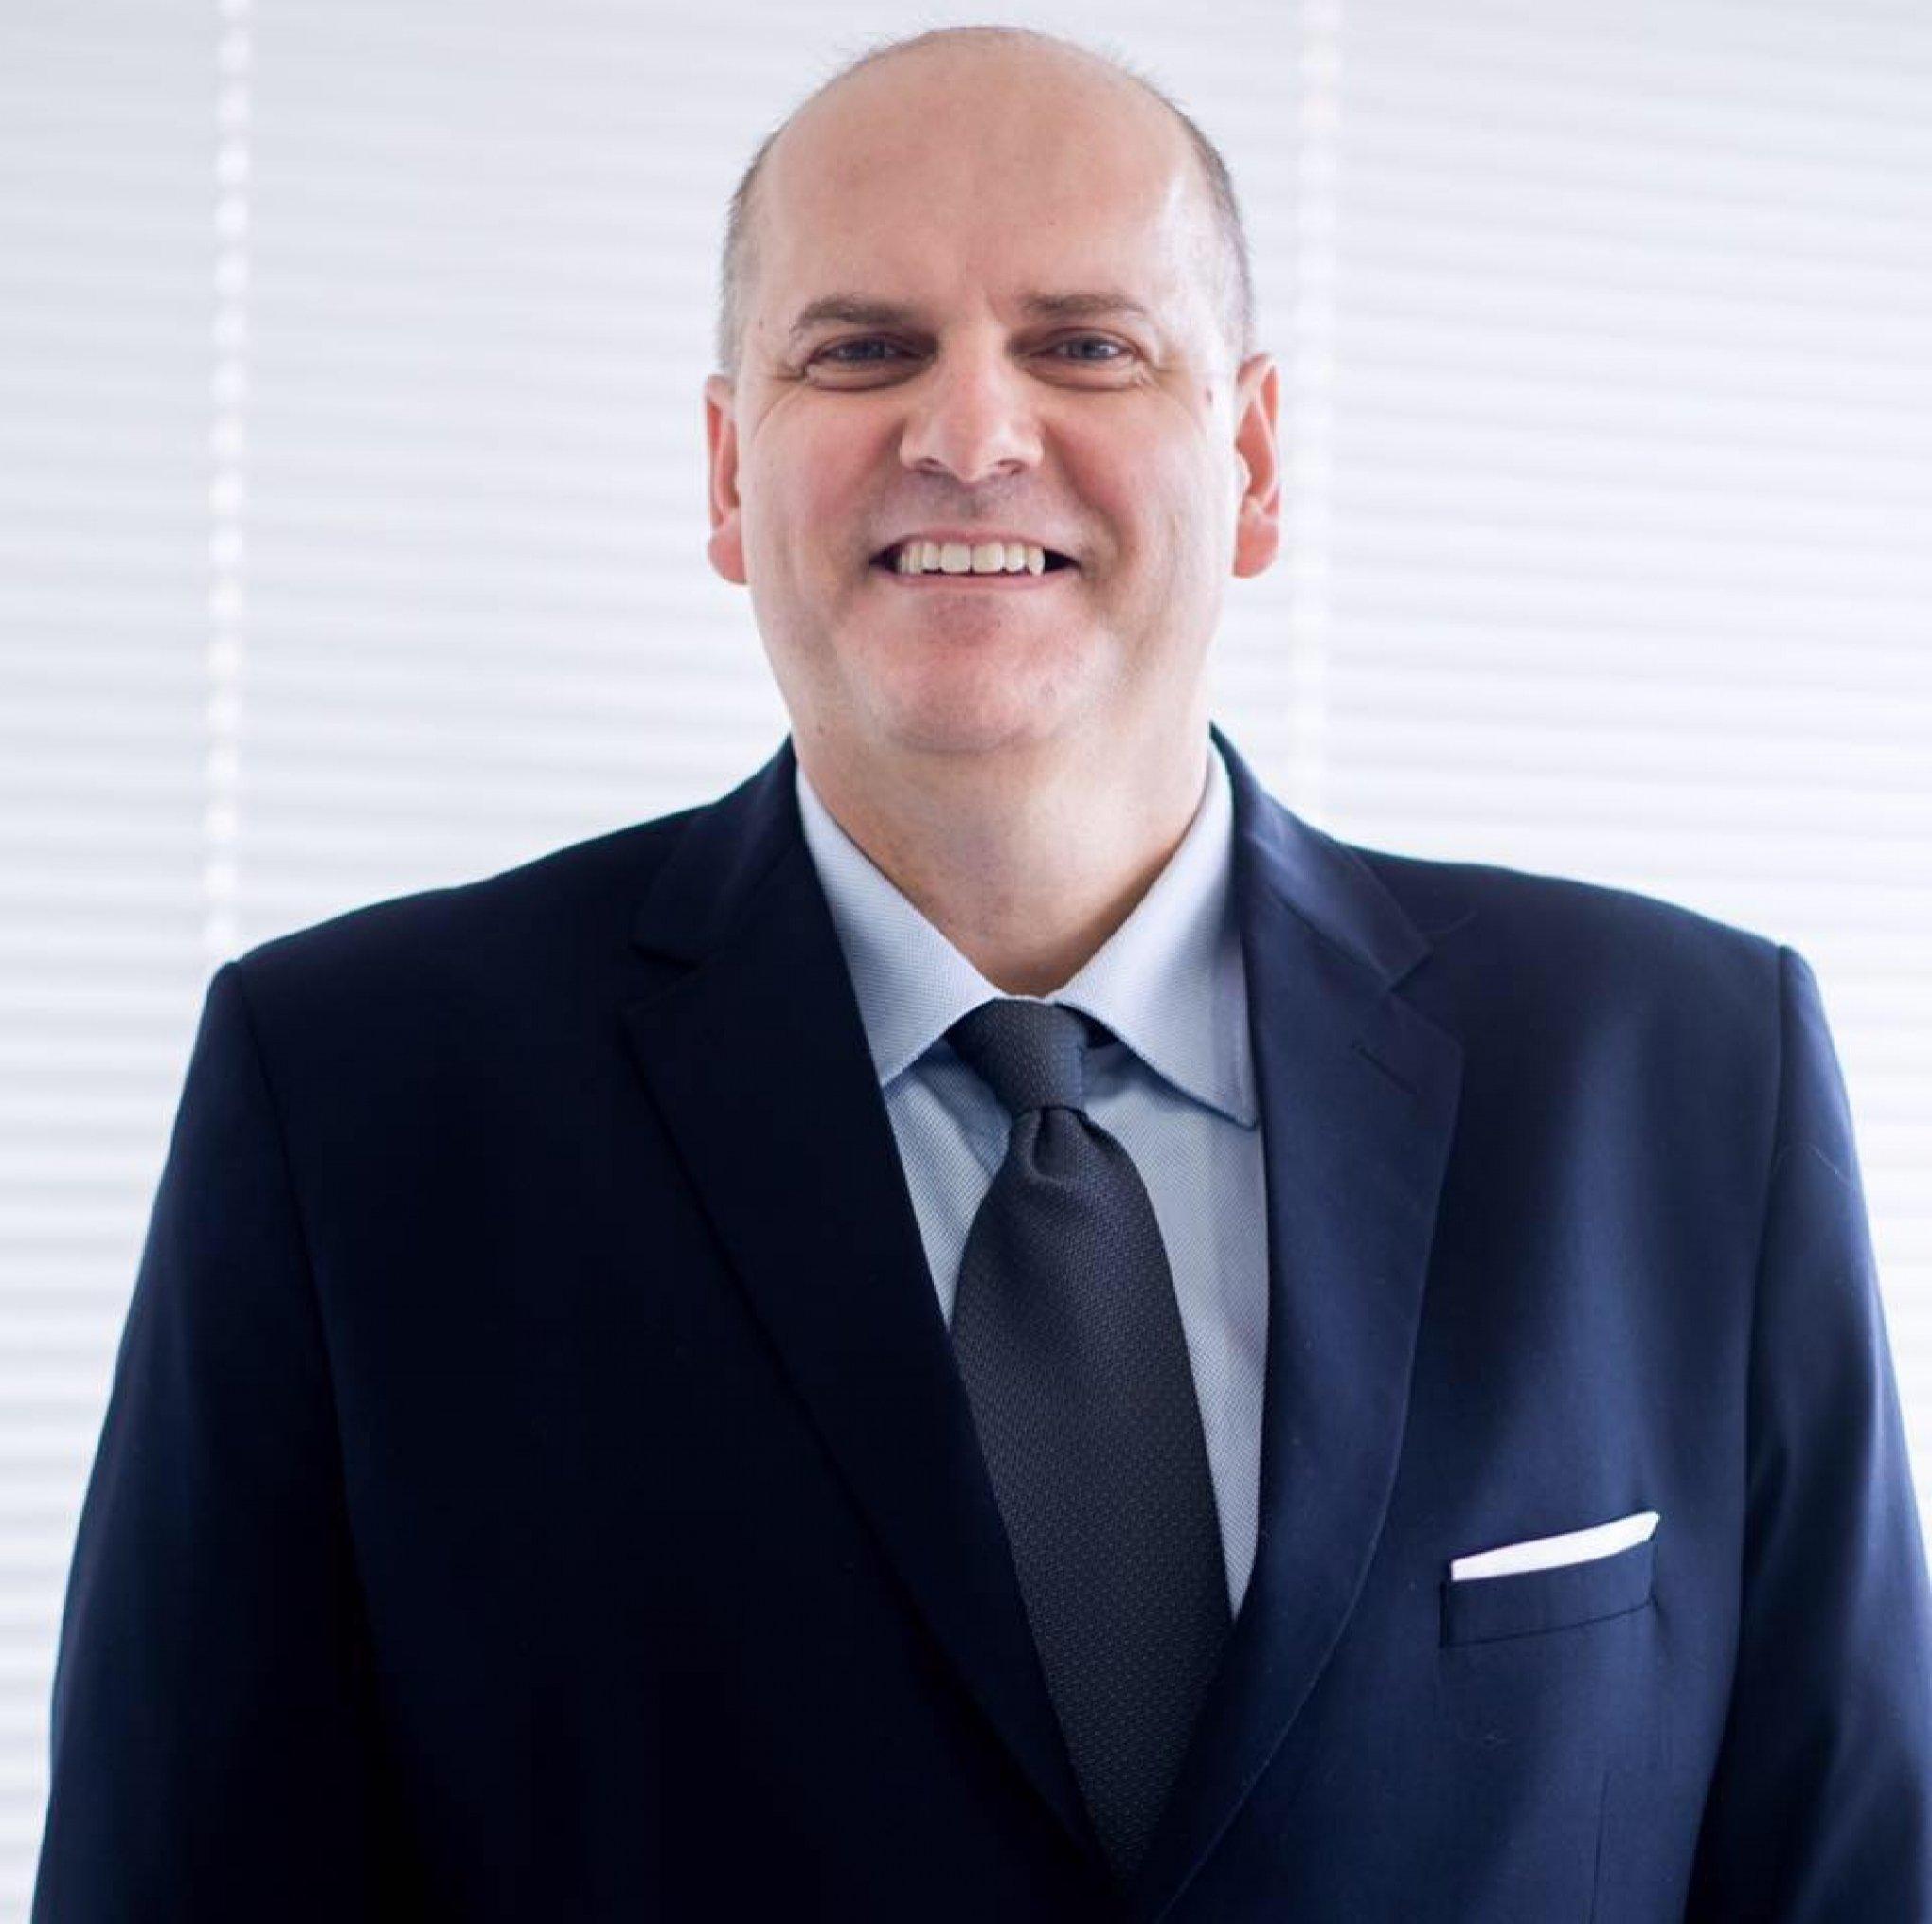 Dr. Natalício Kern Filho